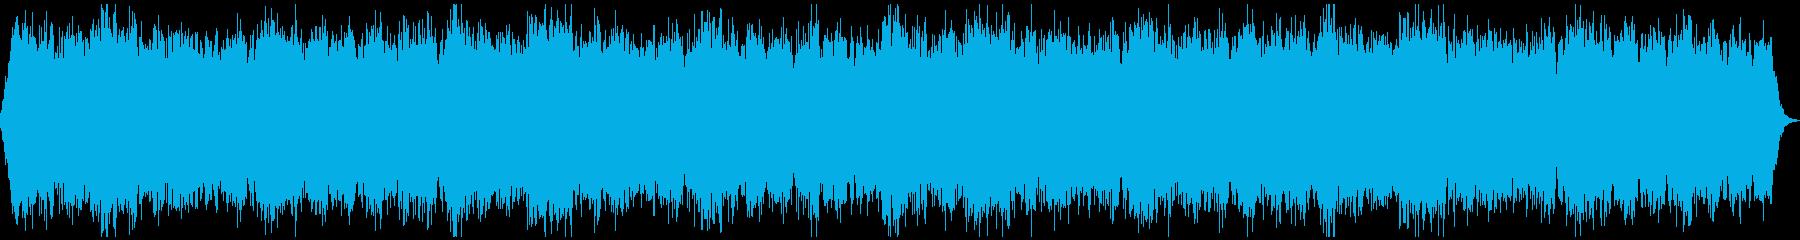 自然音 心を浄化する Short Verの再生済みの波形